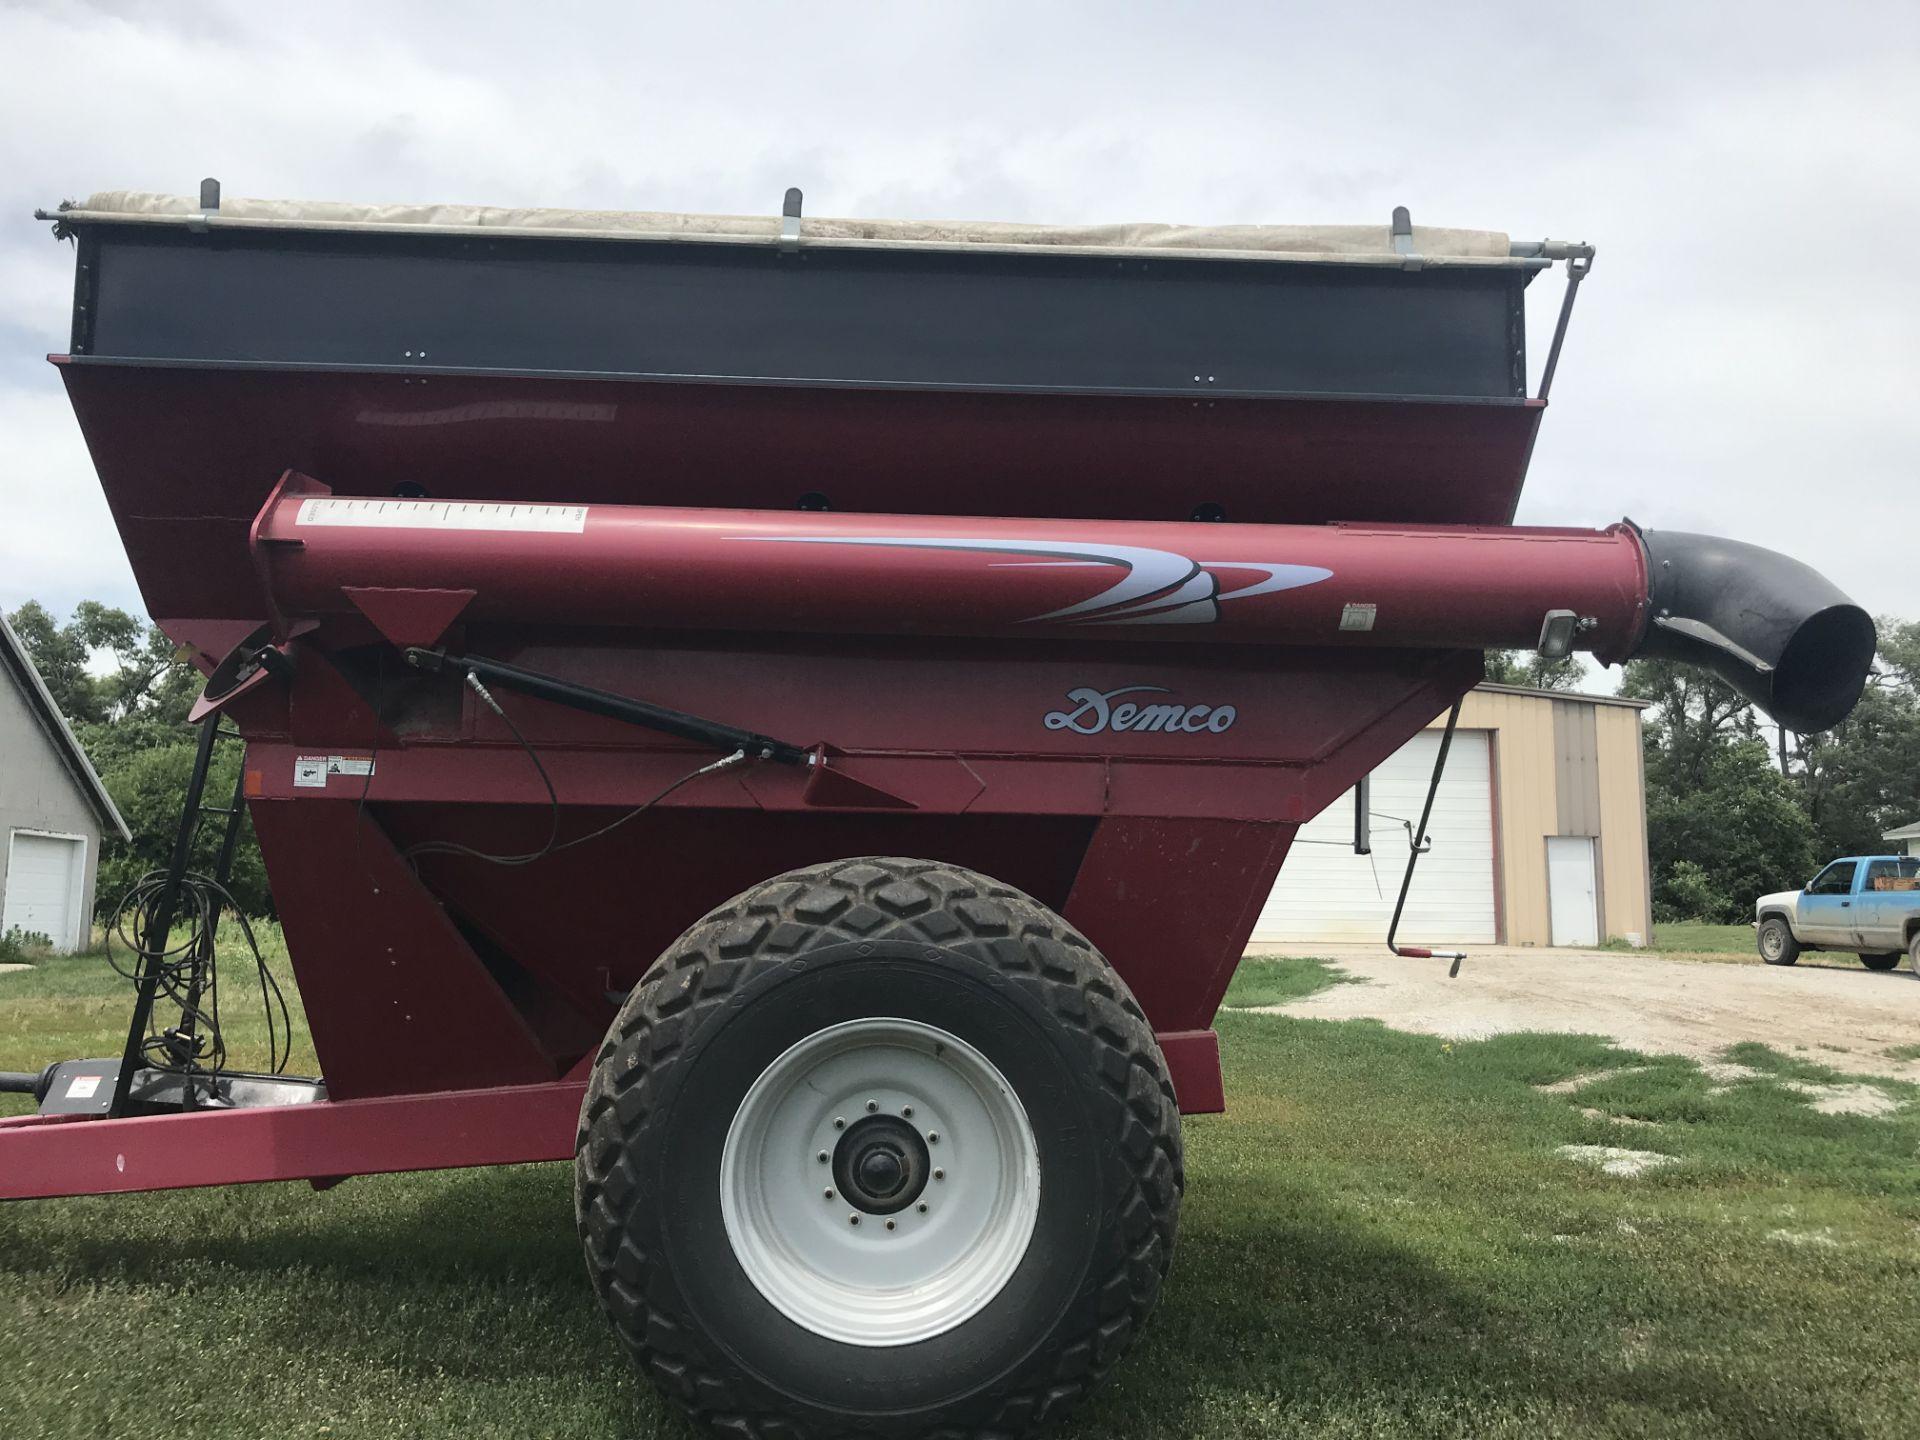 Lot 27 - 2010 Demco 650bu Grain Cart Corner Auger, Shur-lok Roll Tarp, 24.5-32 Tires, Light Package (1